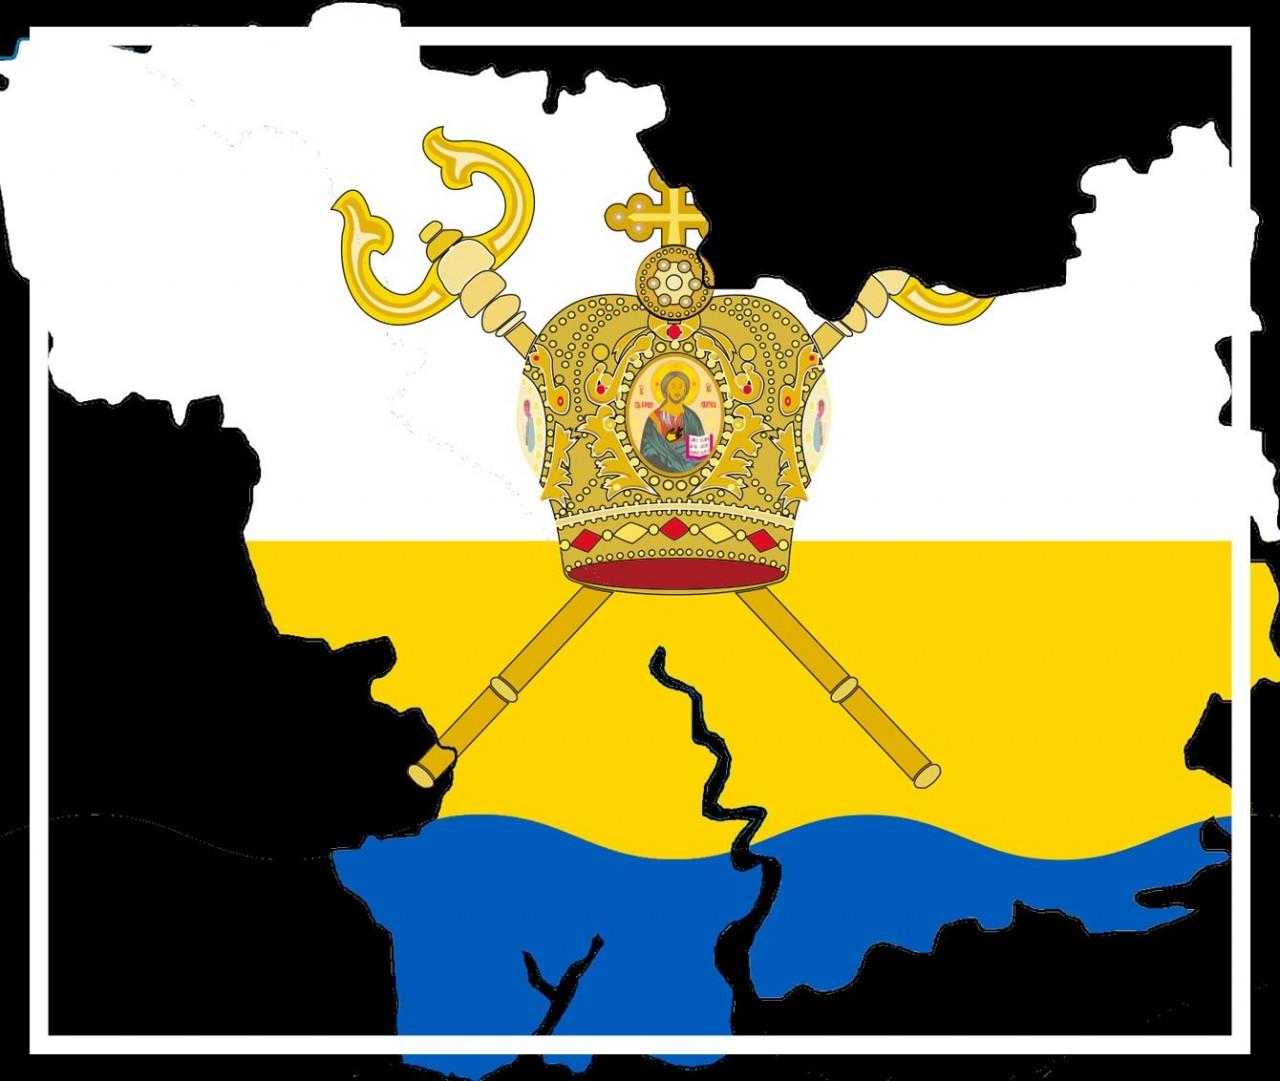 Политолог Макеева предположила, что Николаевская область может пойти по донбасскому сценарию